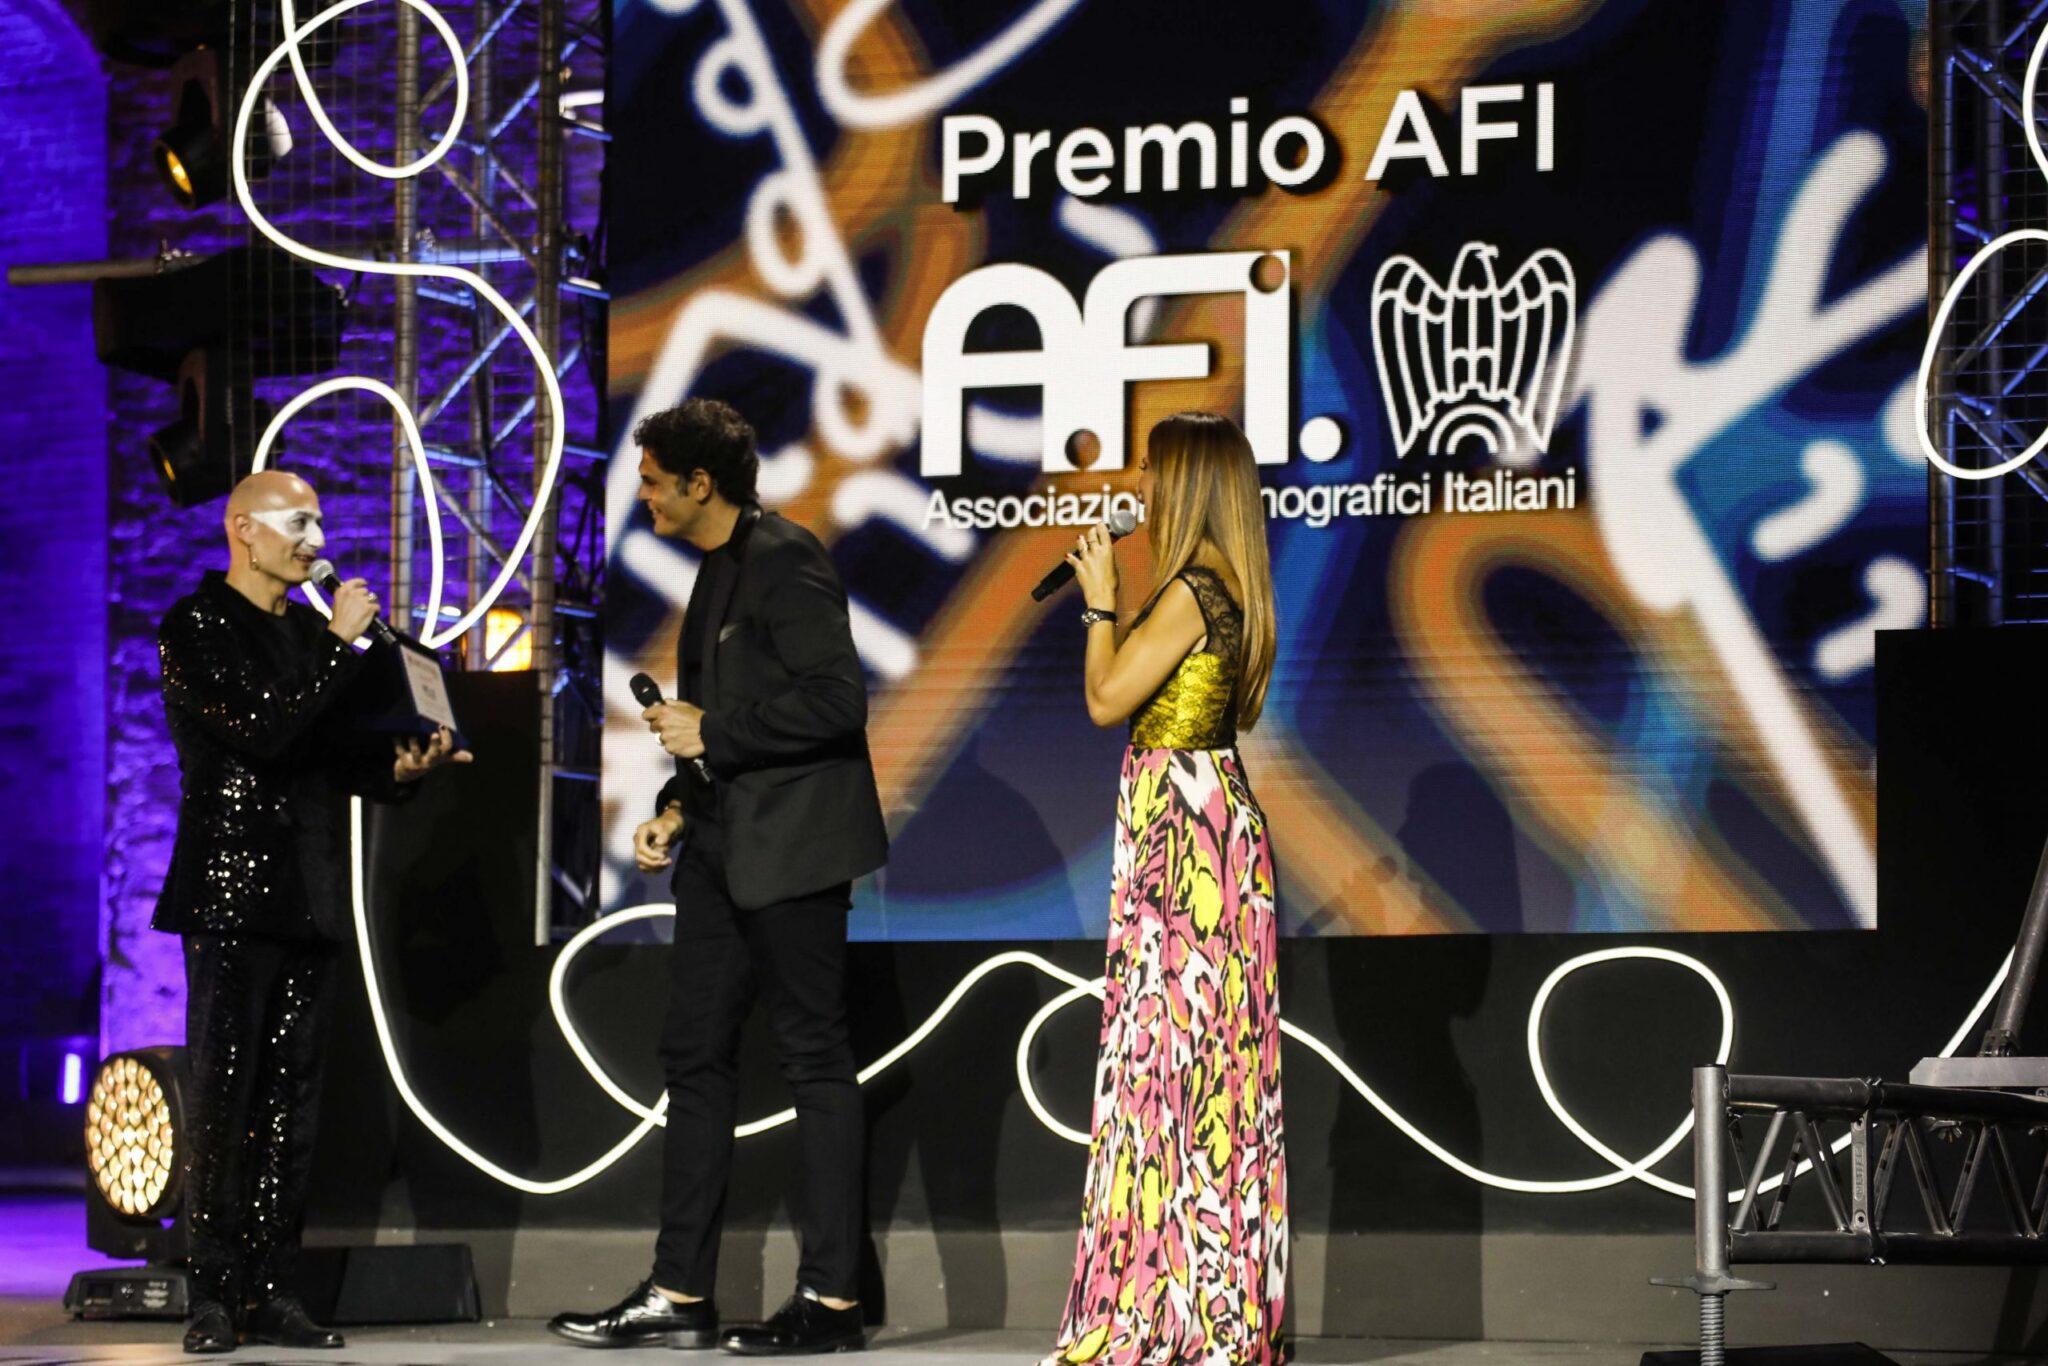 Caravaggio vince il Premio AFI